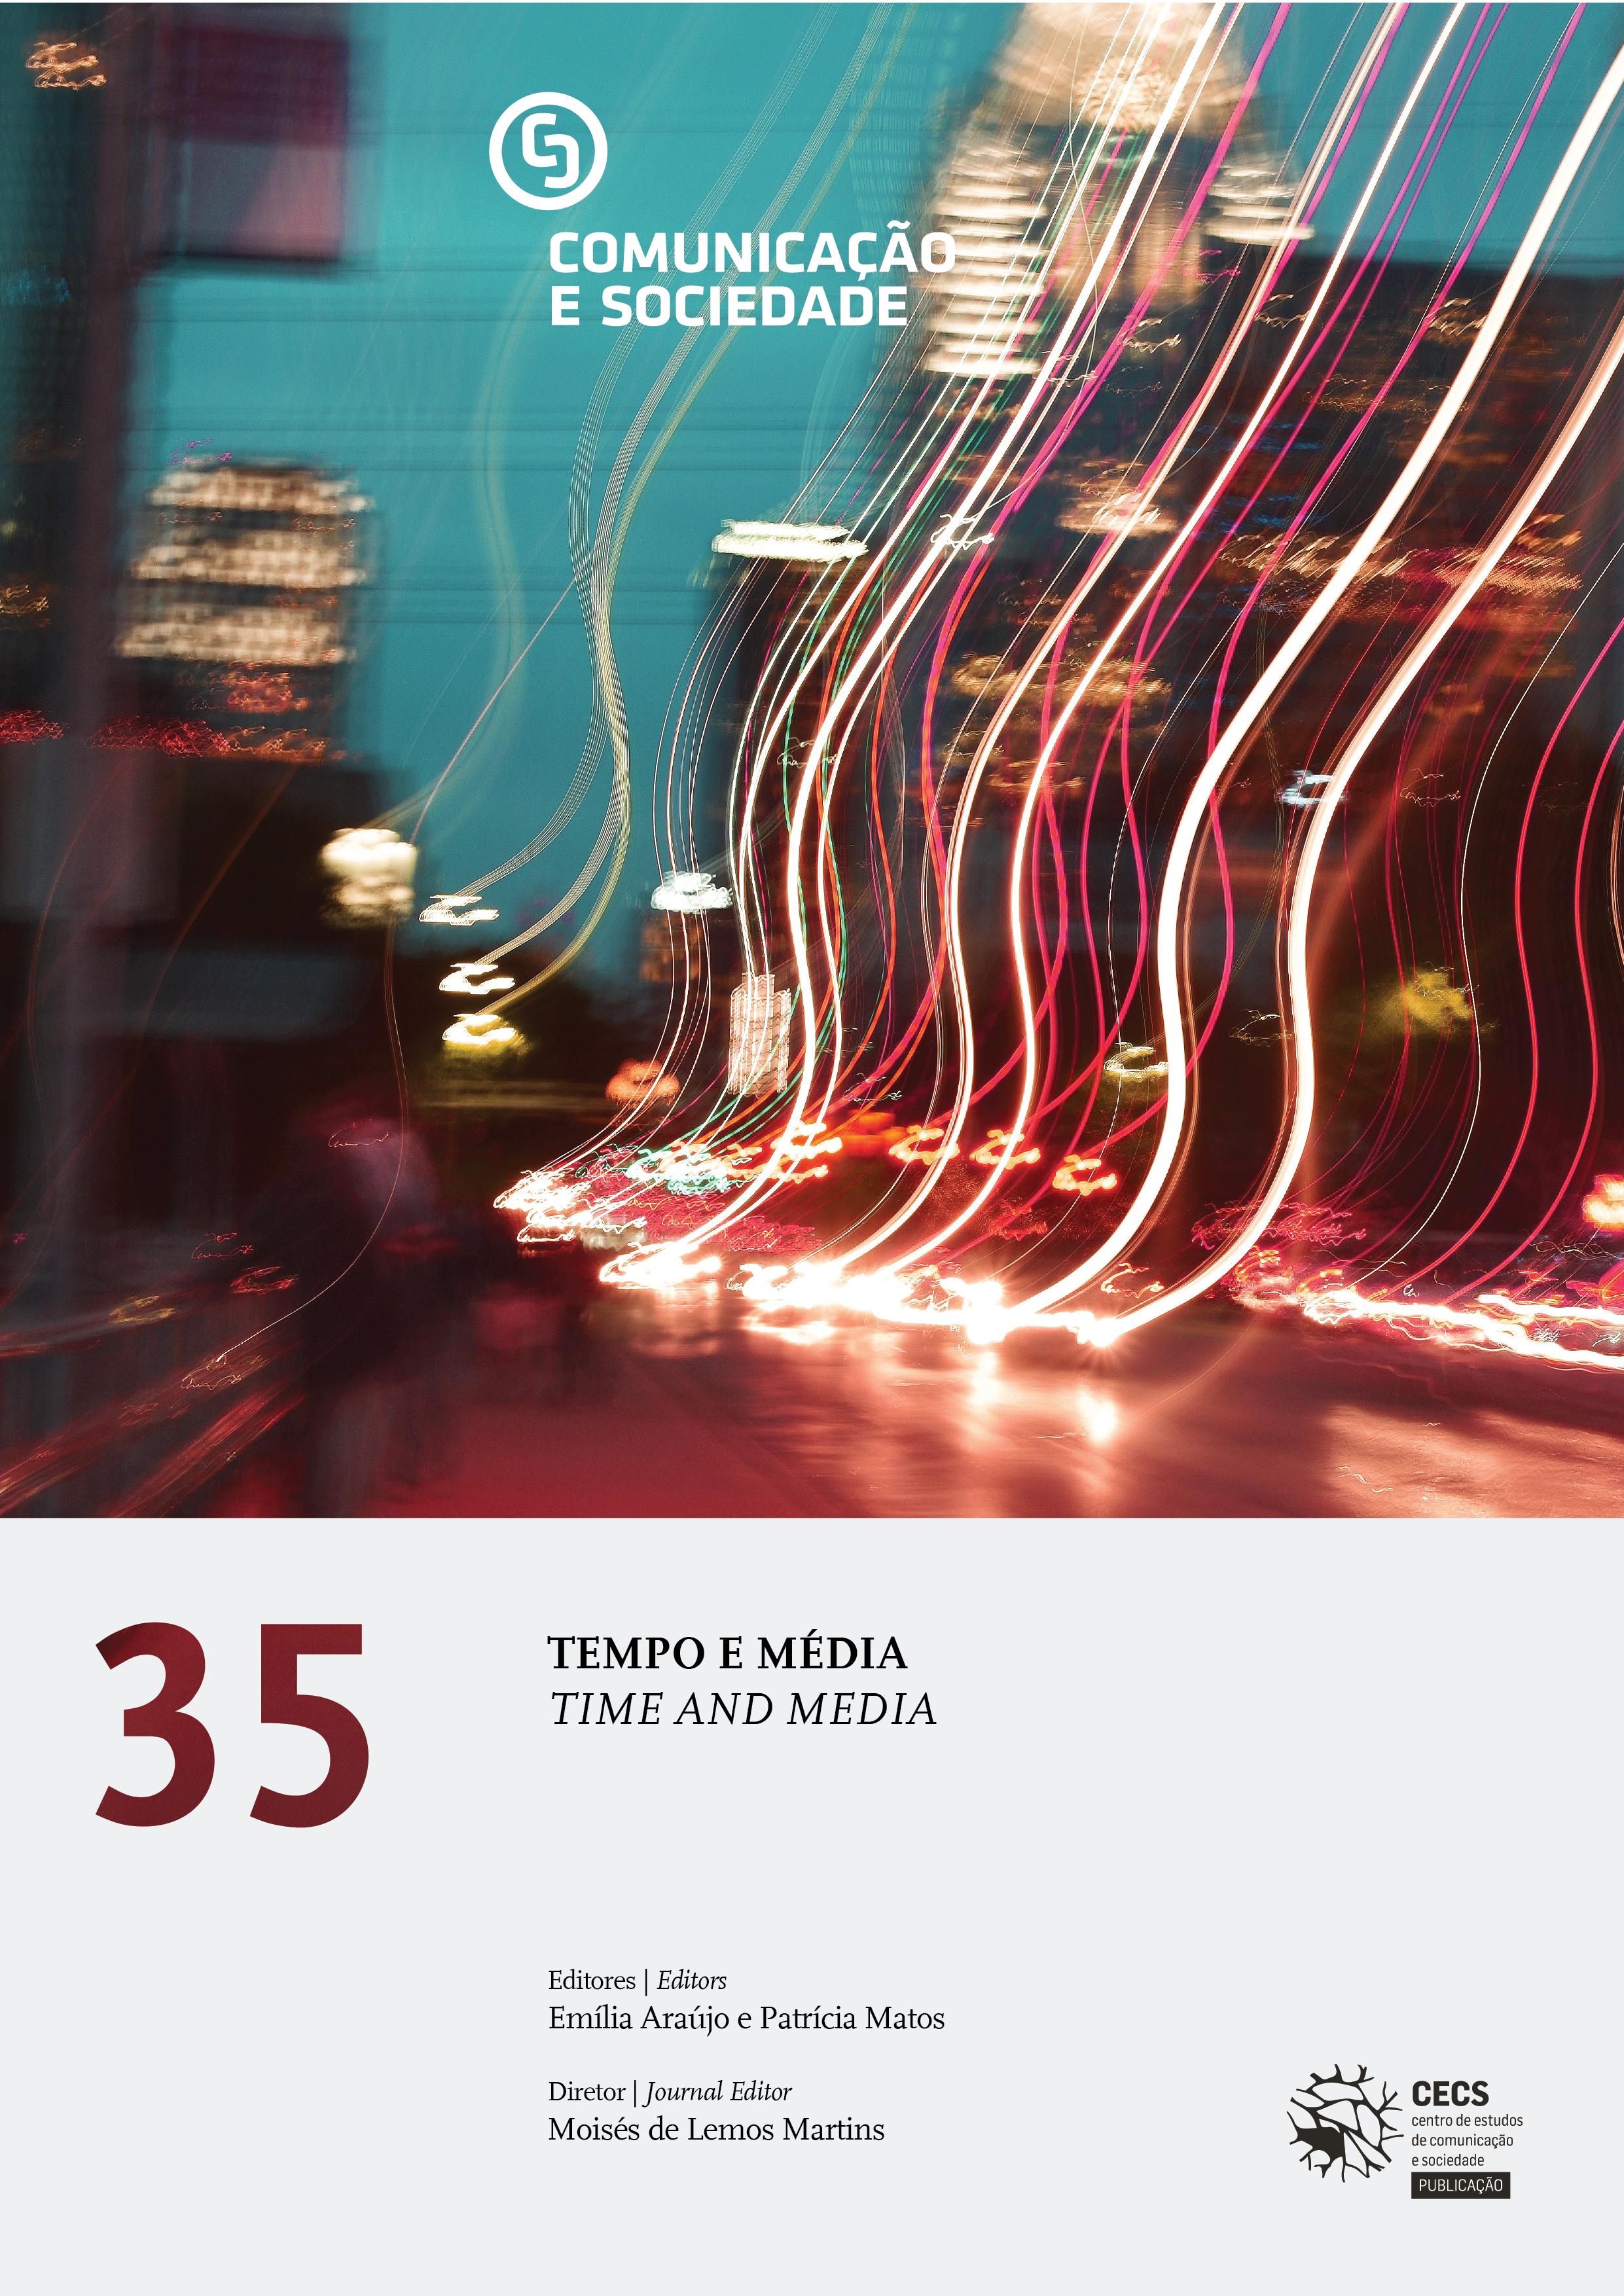 Available new volume of Comunicação e Sociedade on Time and Media